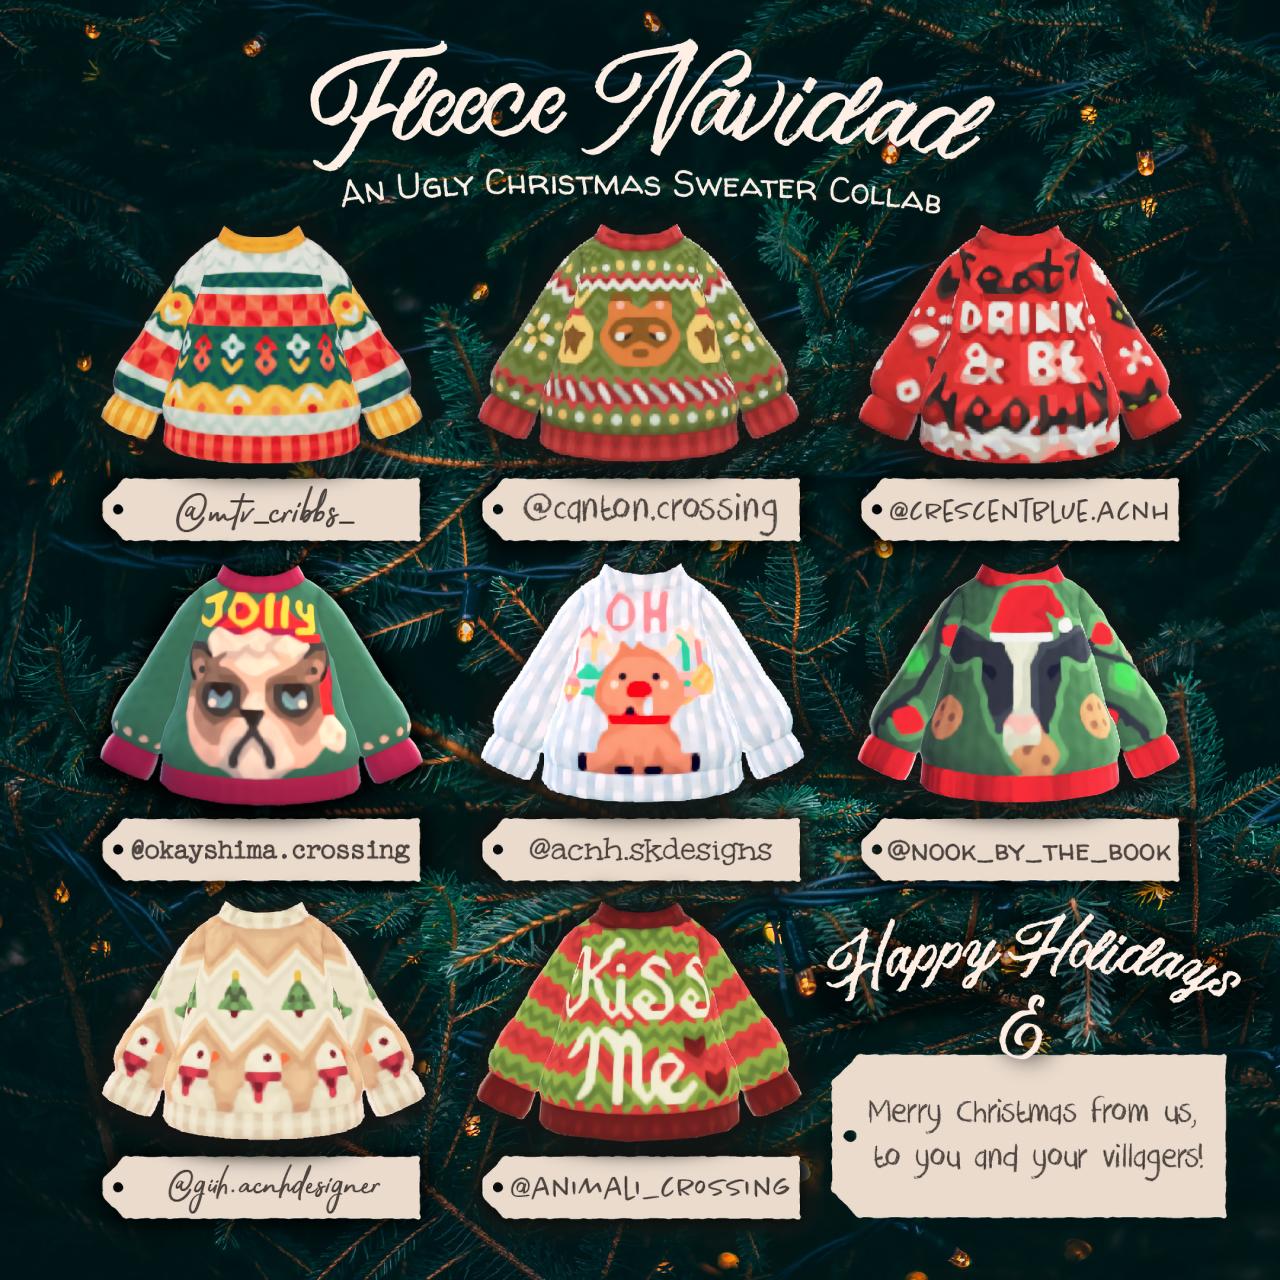 happyhappydesigns:Fleece Navidad - An Ugly Christmas Sweater...